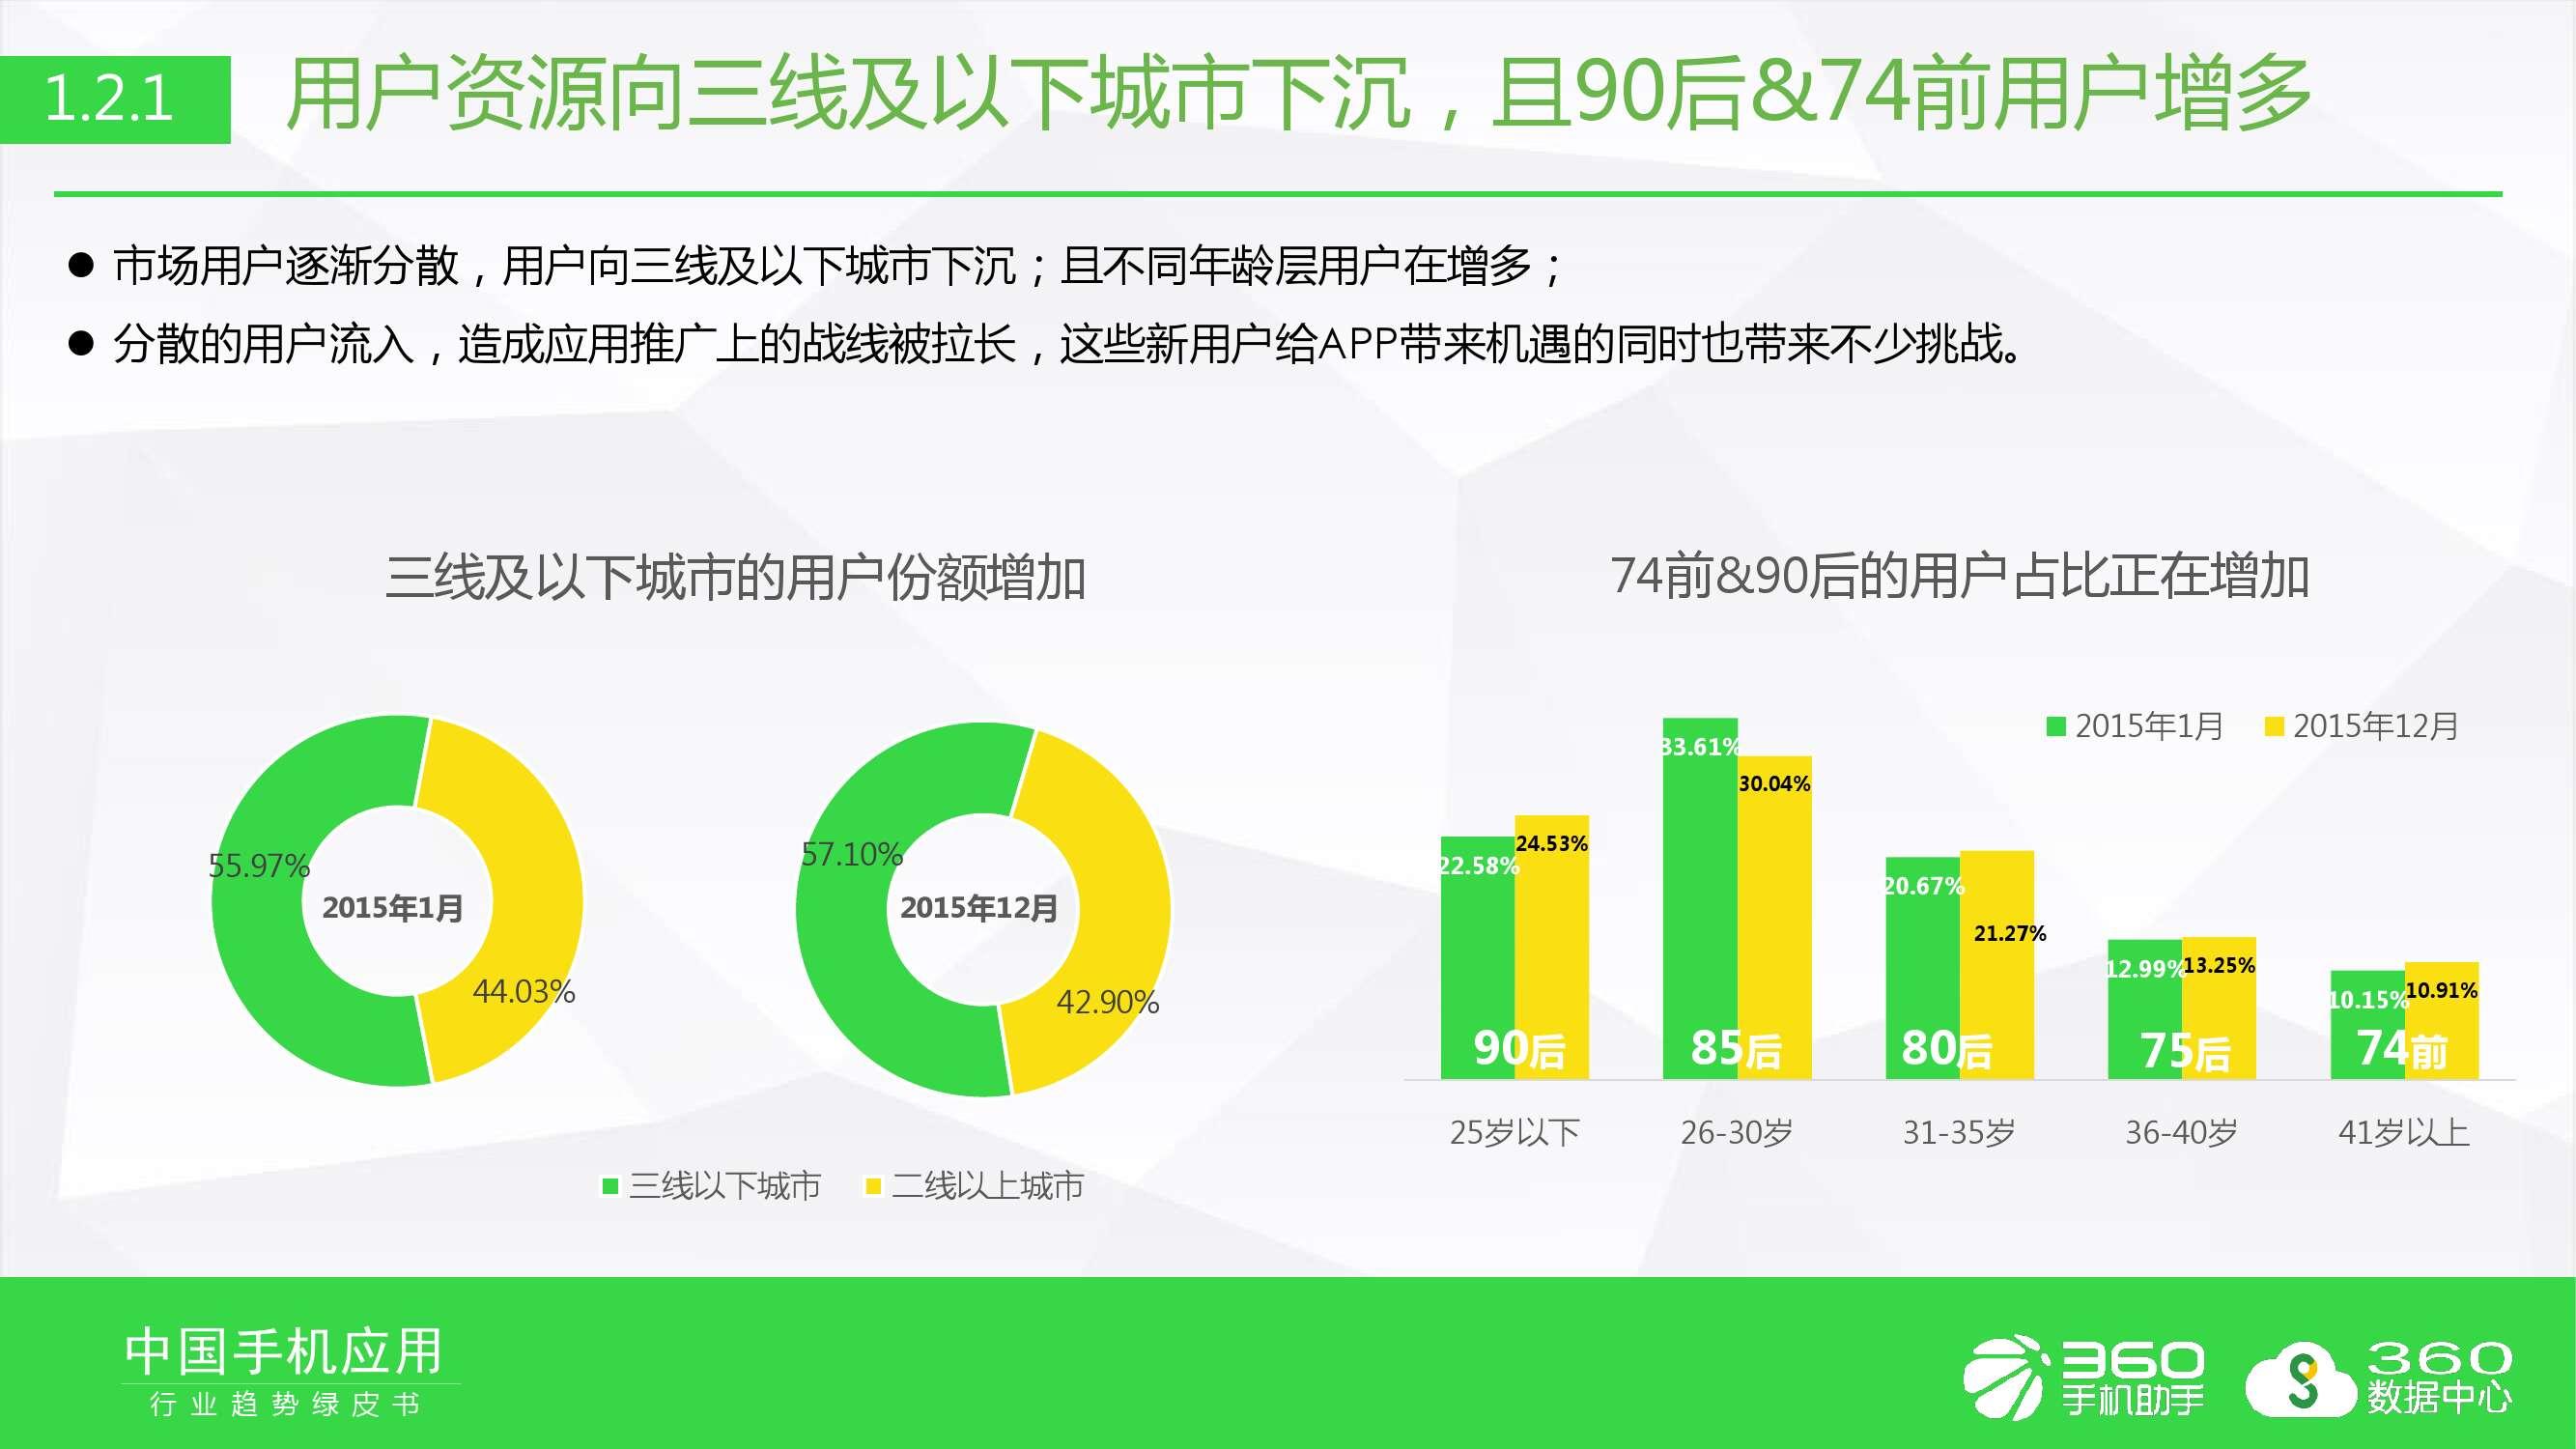 2016年手机软件行业趋势绿皮书_000006